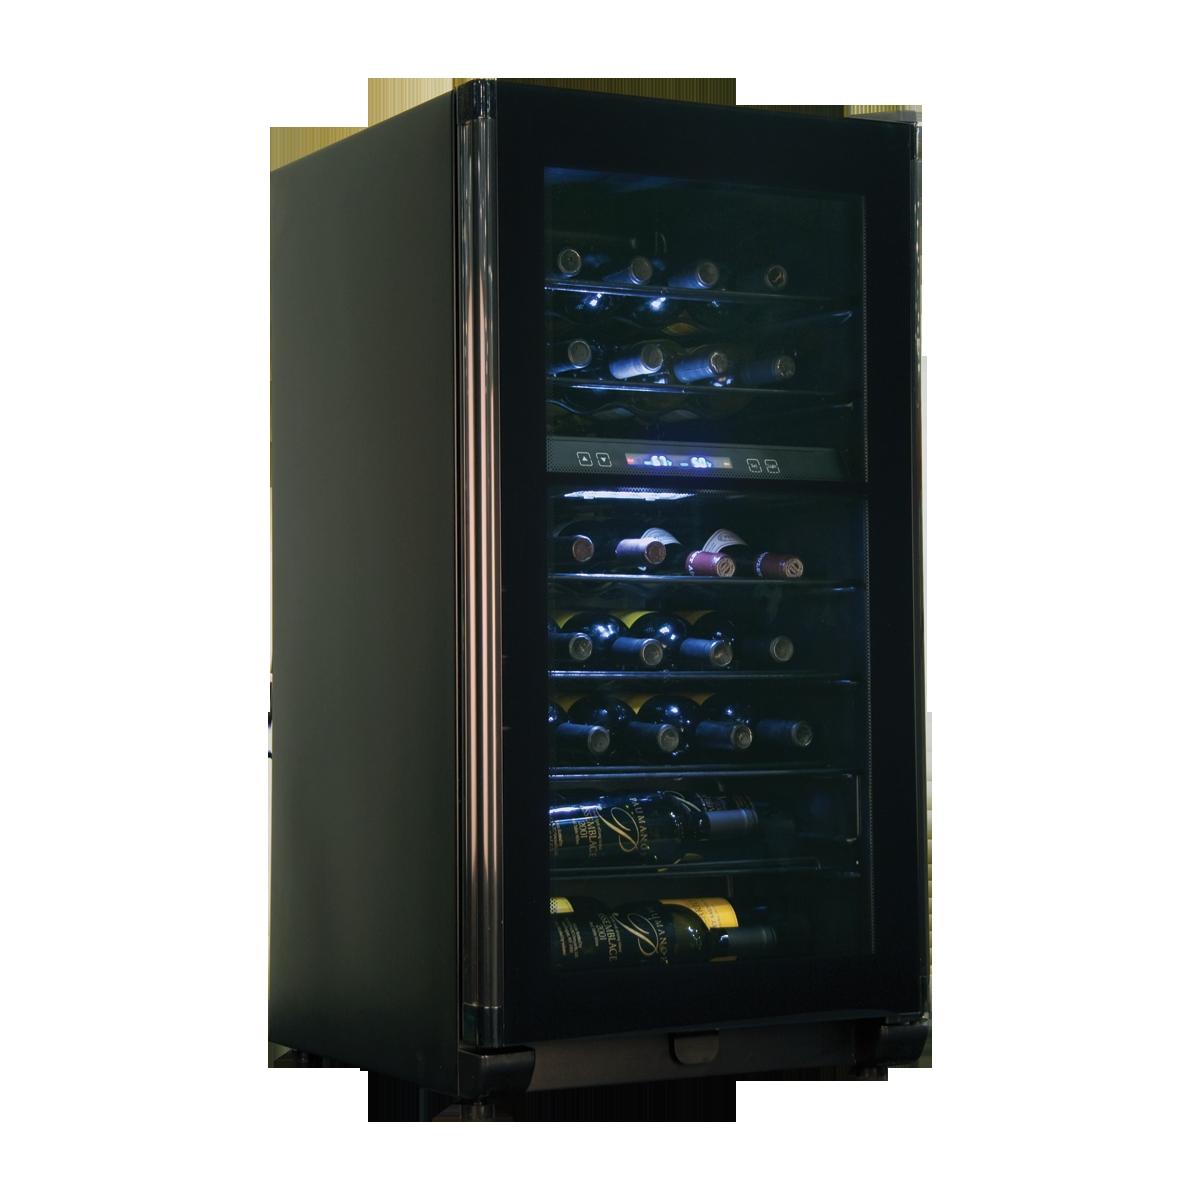 brand haier model hvfe040bbb style 40 bottle wine cooler. Black Bedroom Furniture Sets. Home Design Ideas